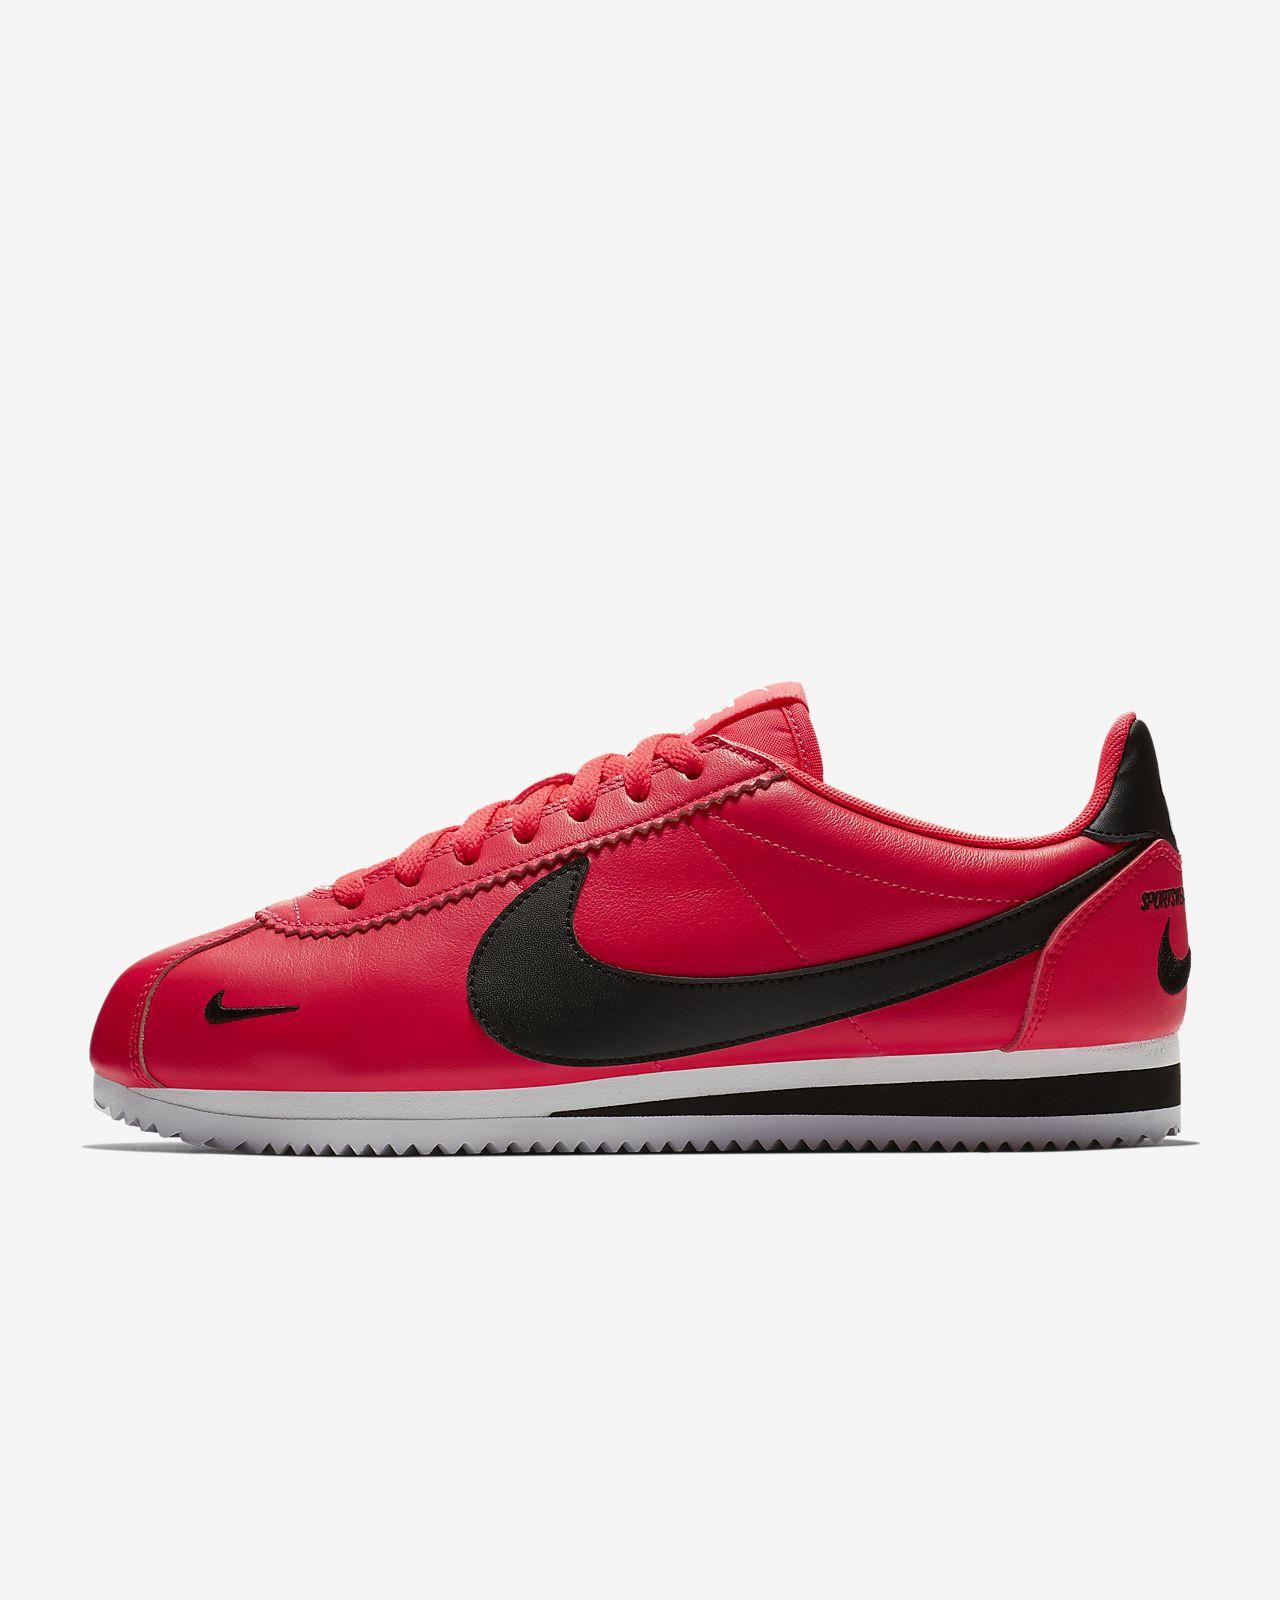 innovative design 94502 621ae ... Nike Classic Cortez Premium Unisex Shoe